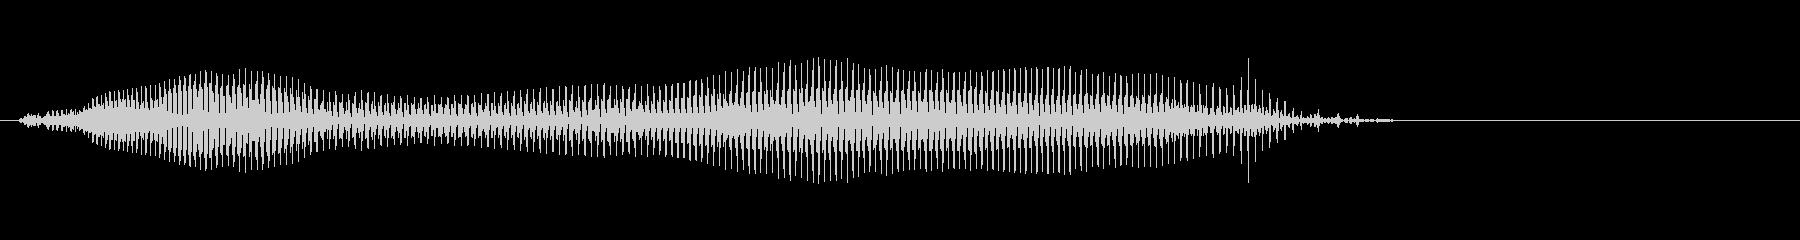 「ブー!」1の未再生の波形